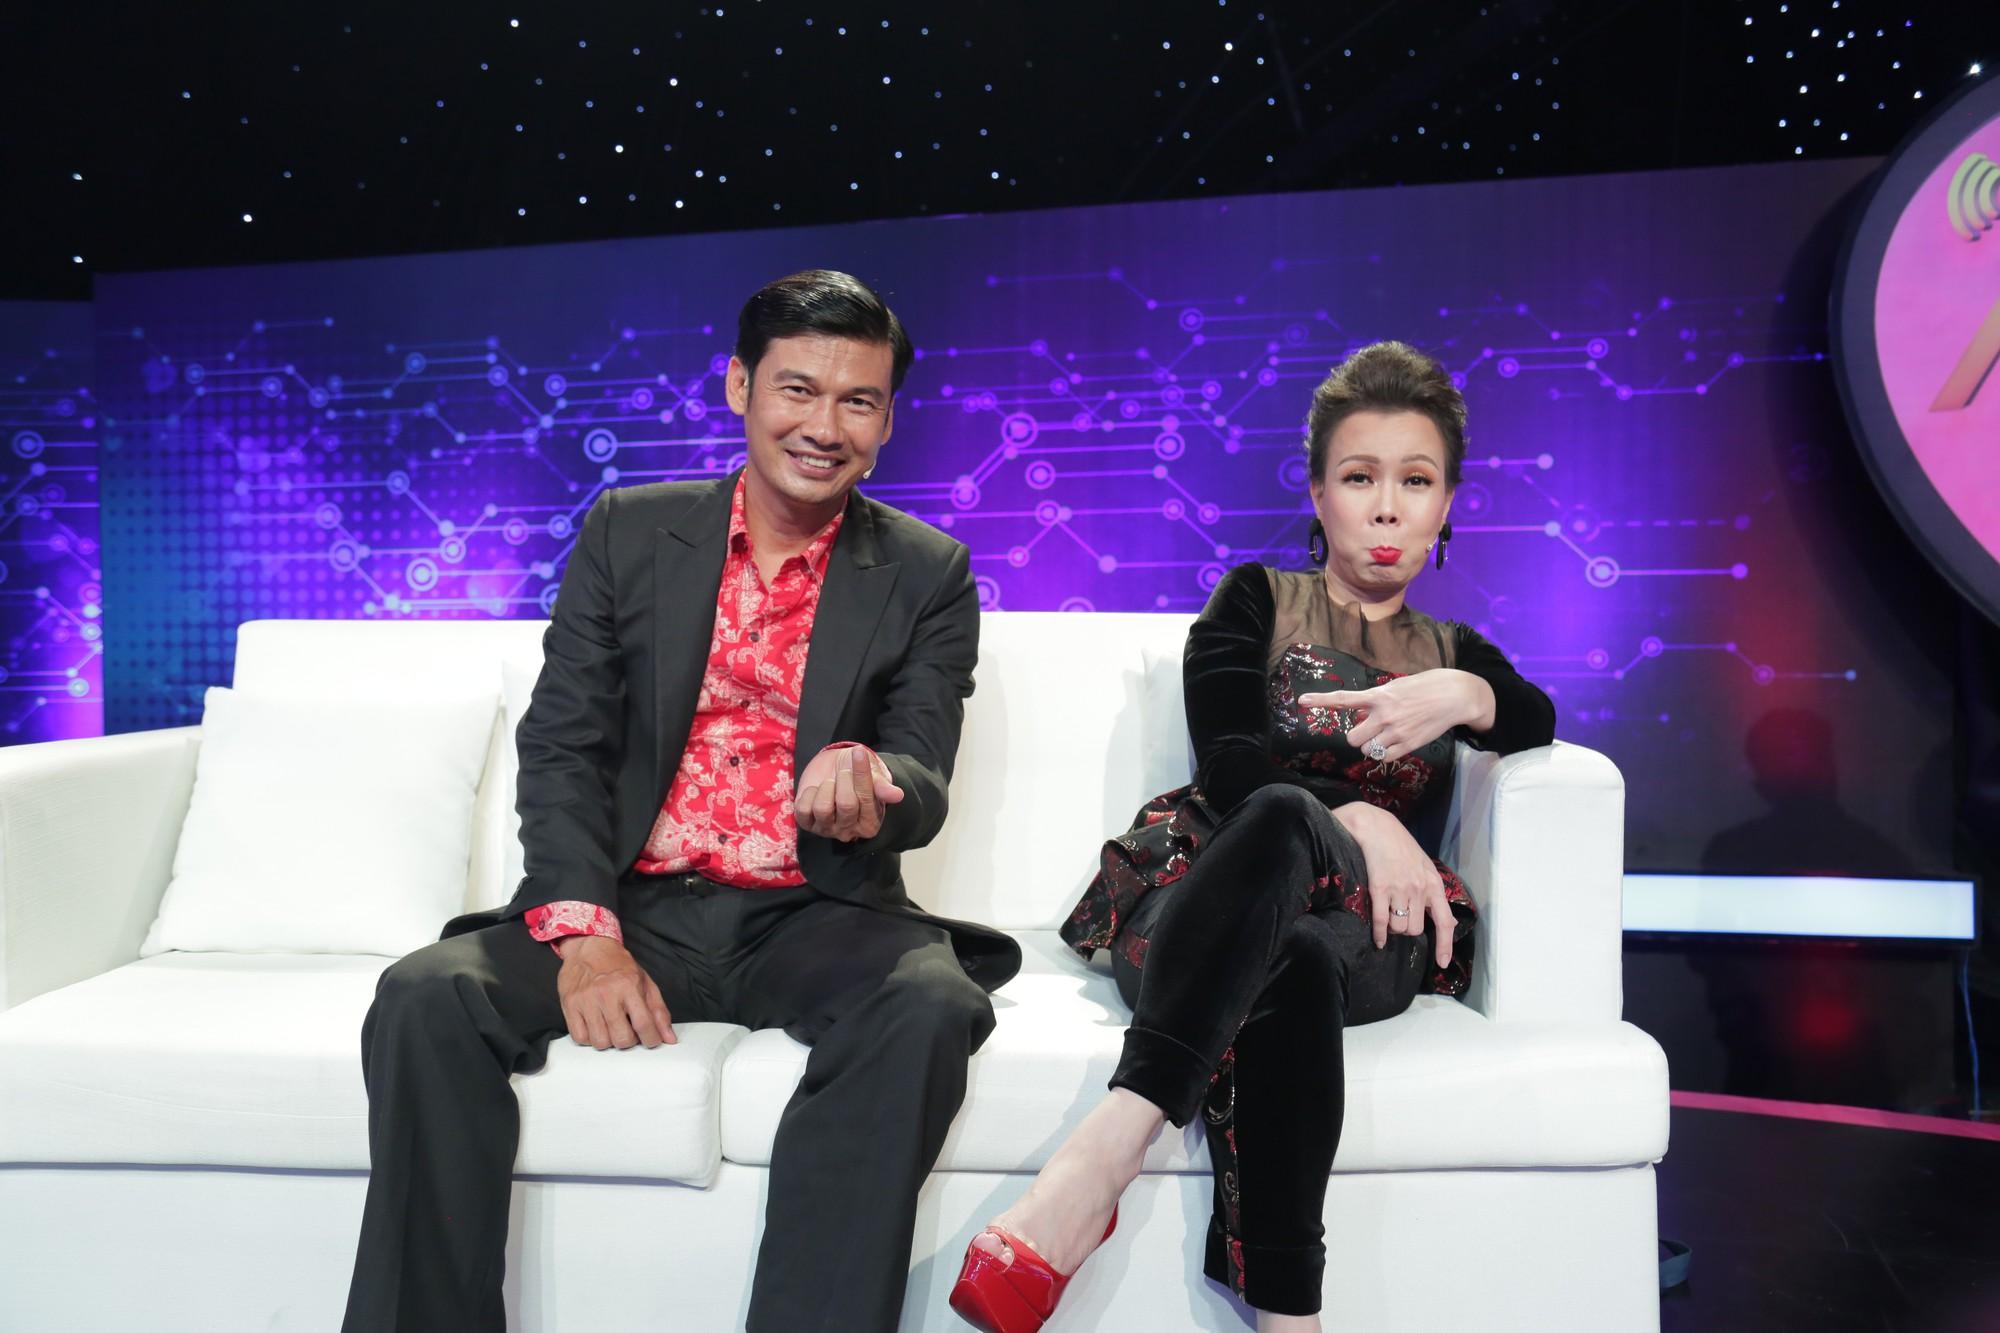 Lê Giang tham gia show hẹn hò không chỉ làm quân sư, mà còn lăm le... tìm người yêu - Ảnh 4.